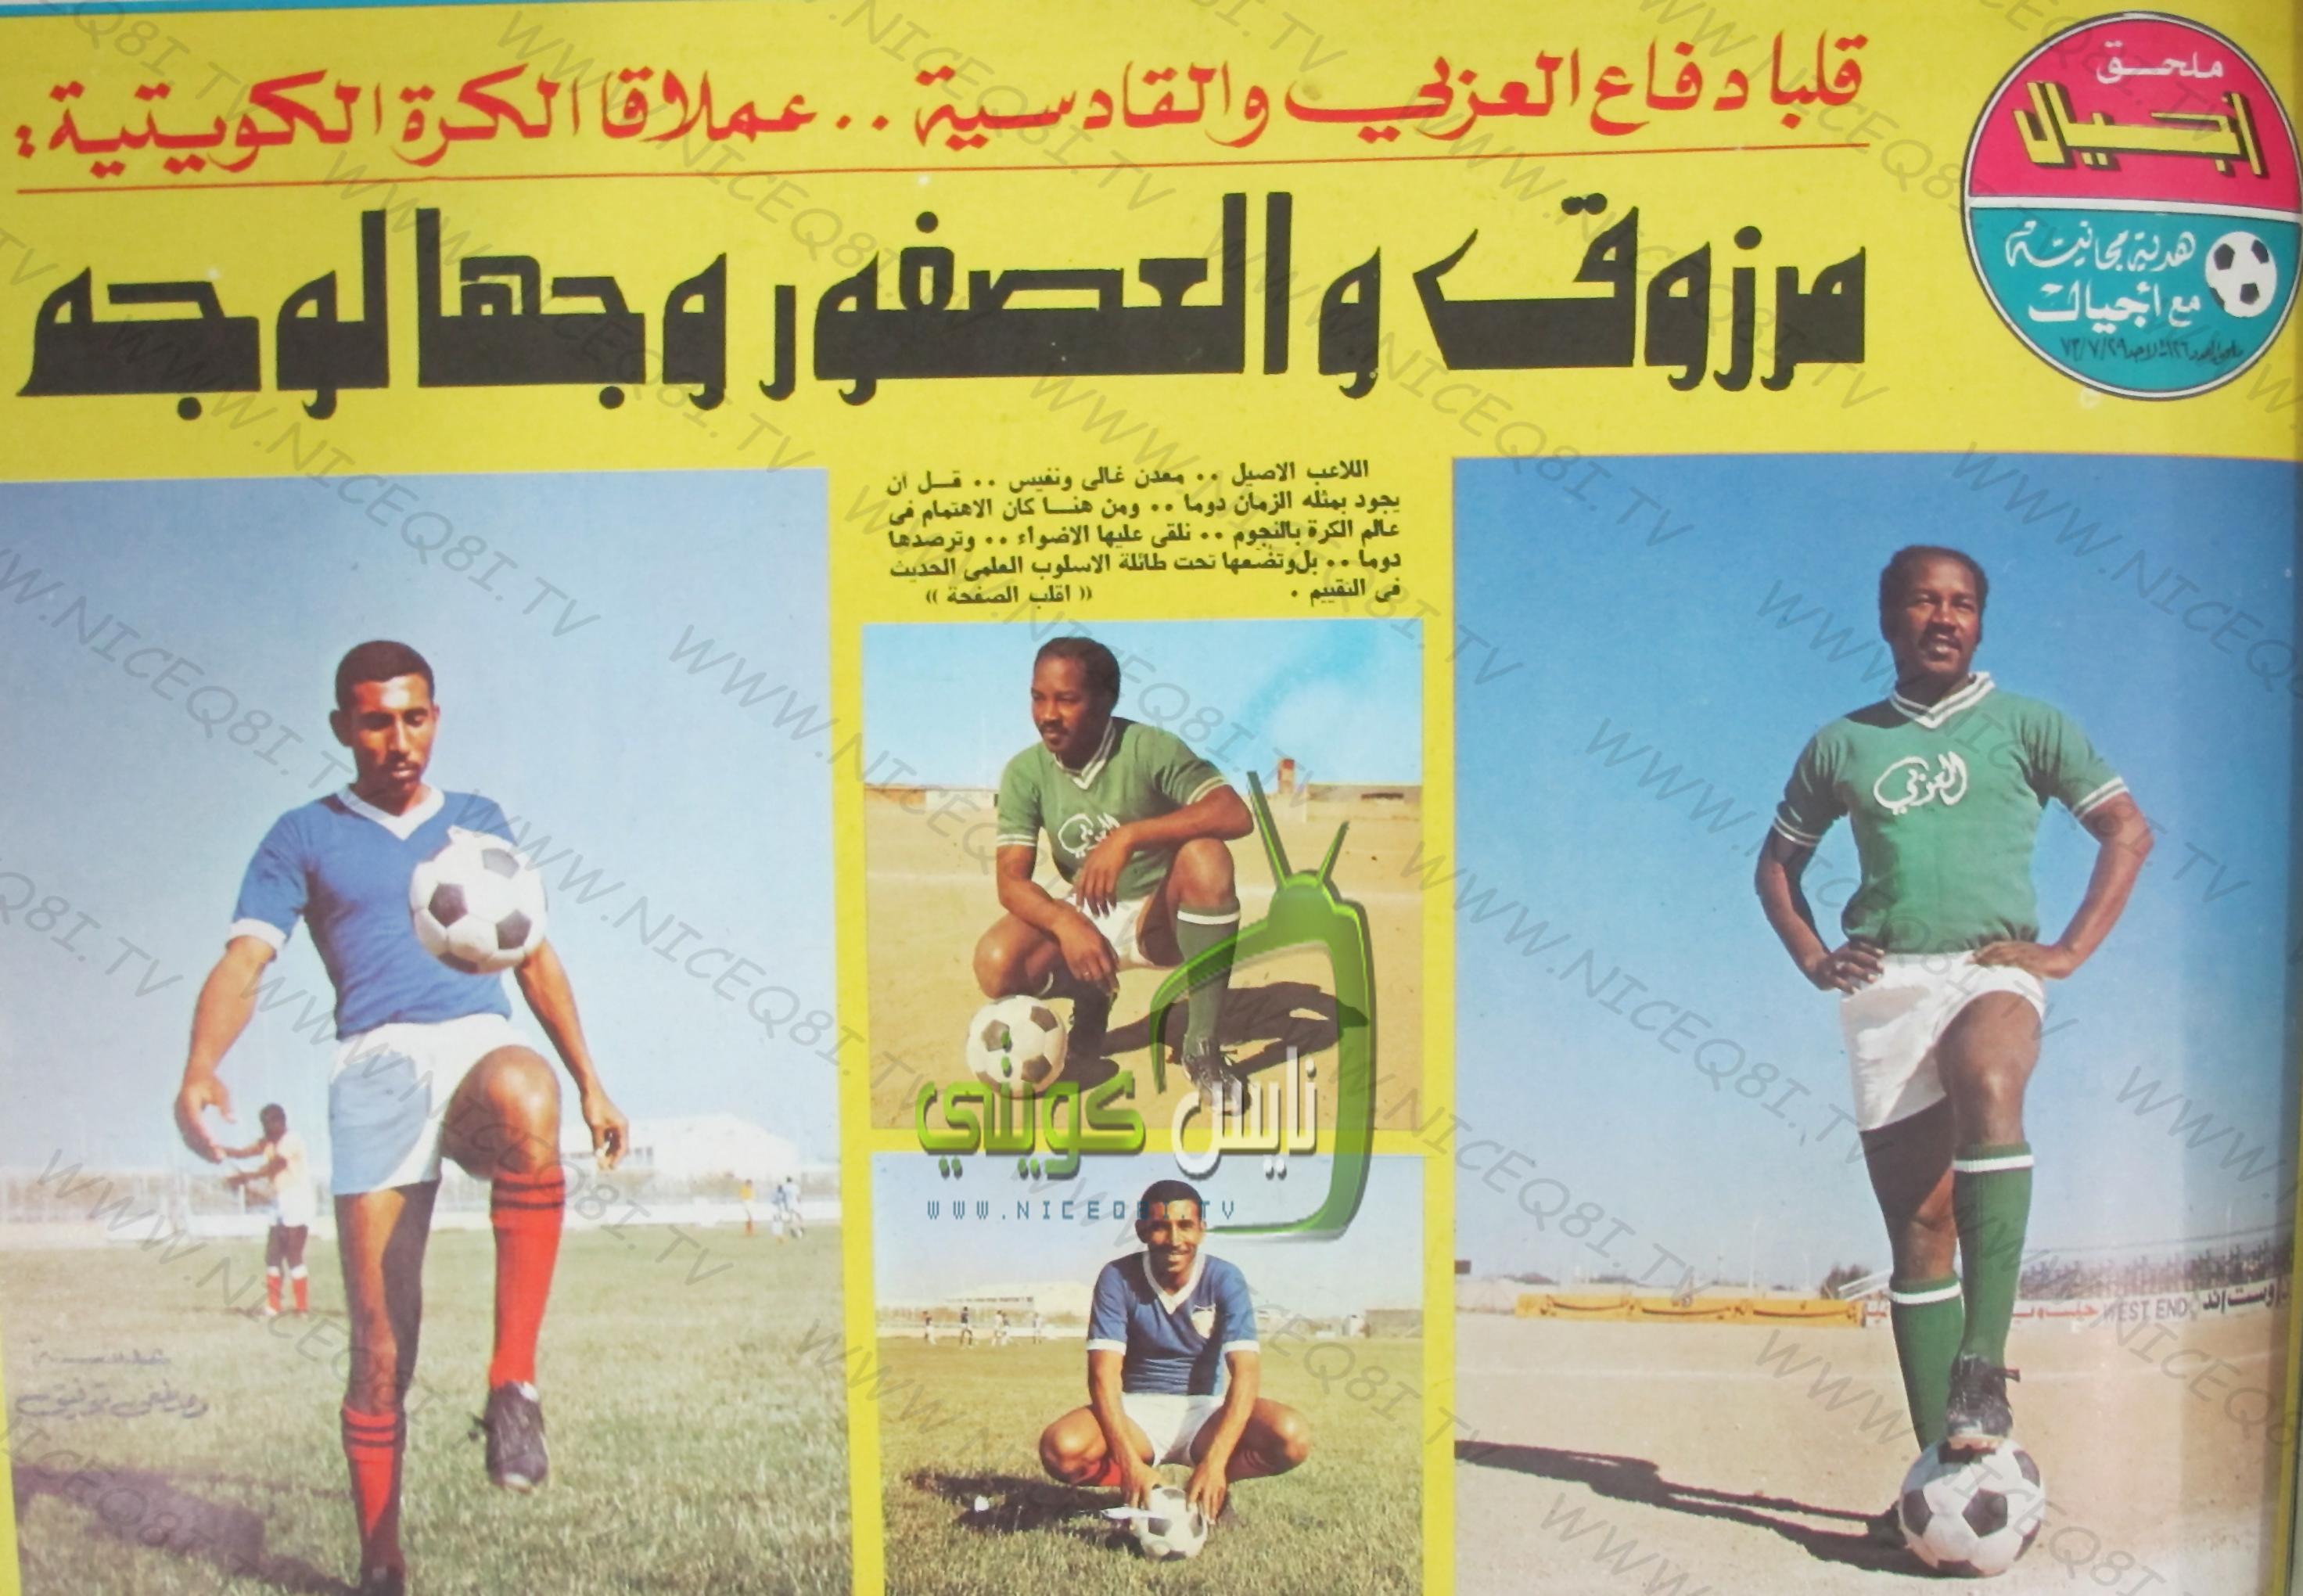 لاعب نادي العربي : مرزوق سعيد & لاعب نادي الق